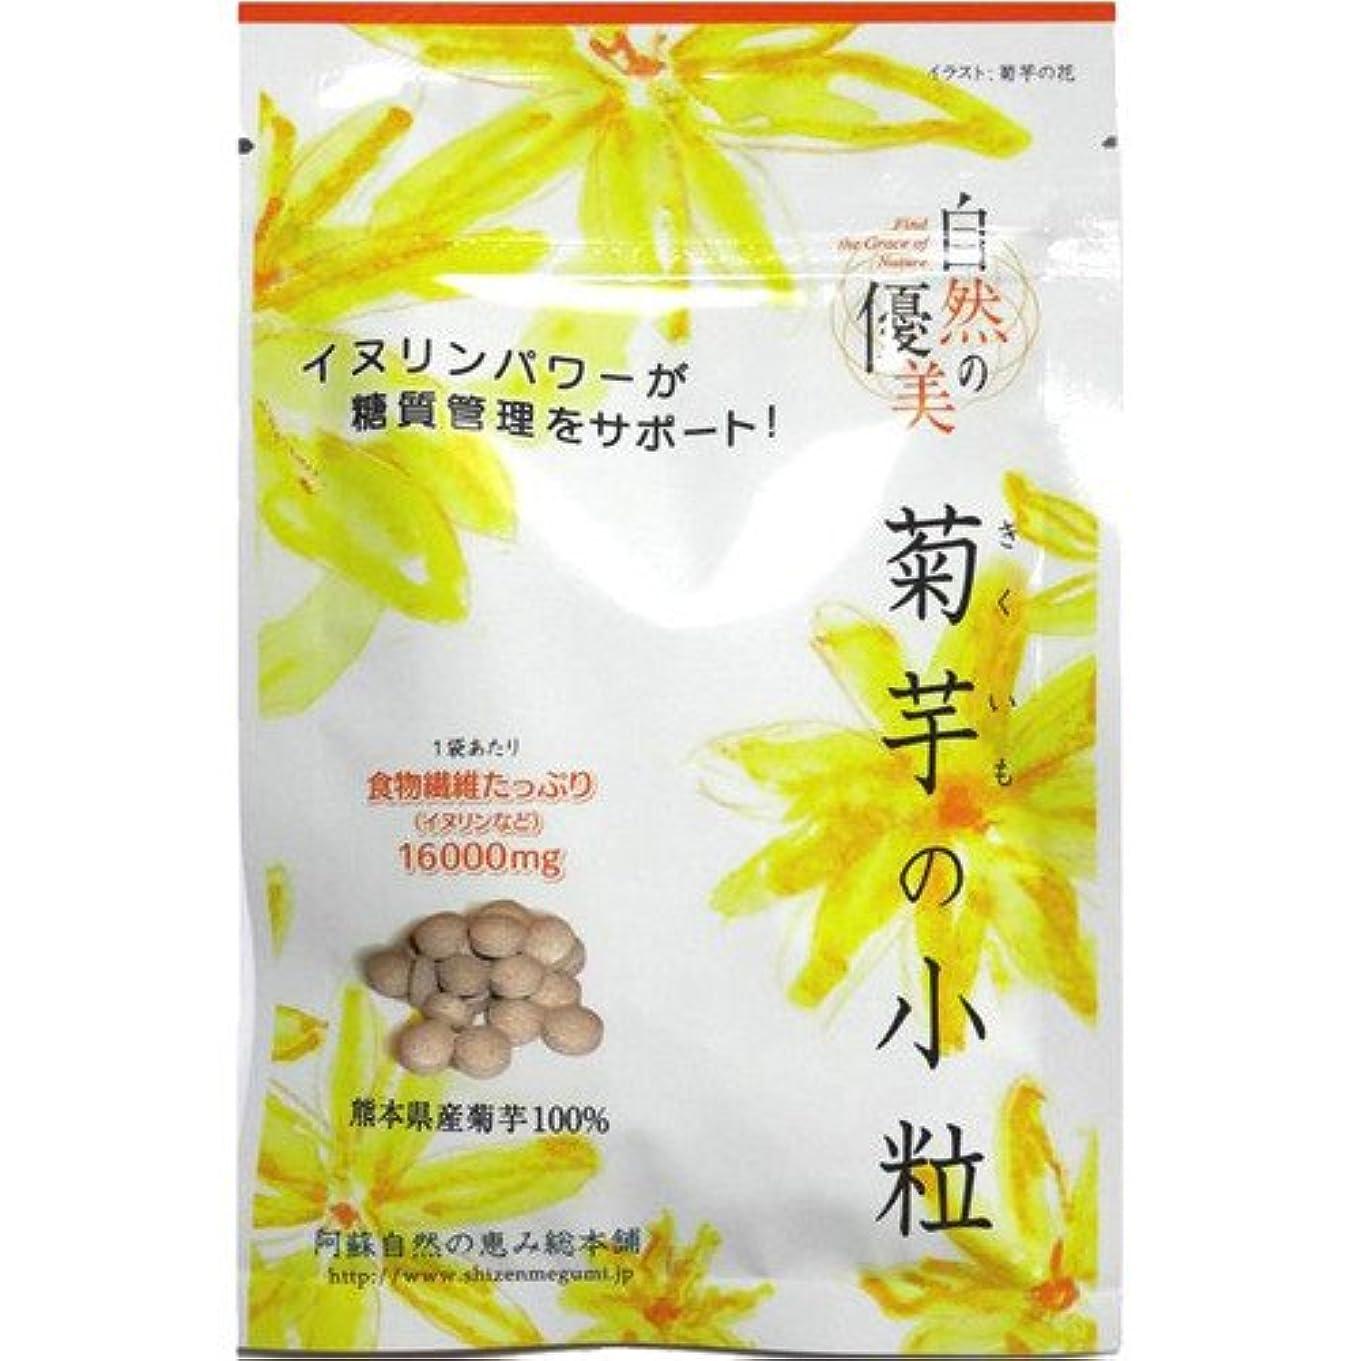 教育学銛突き刺す阿蘇自然の恵み総本舗 菊芋の小粒 100錠